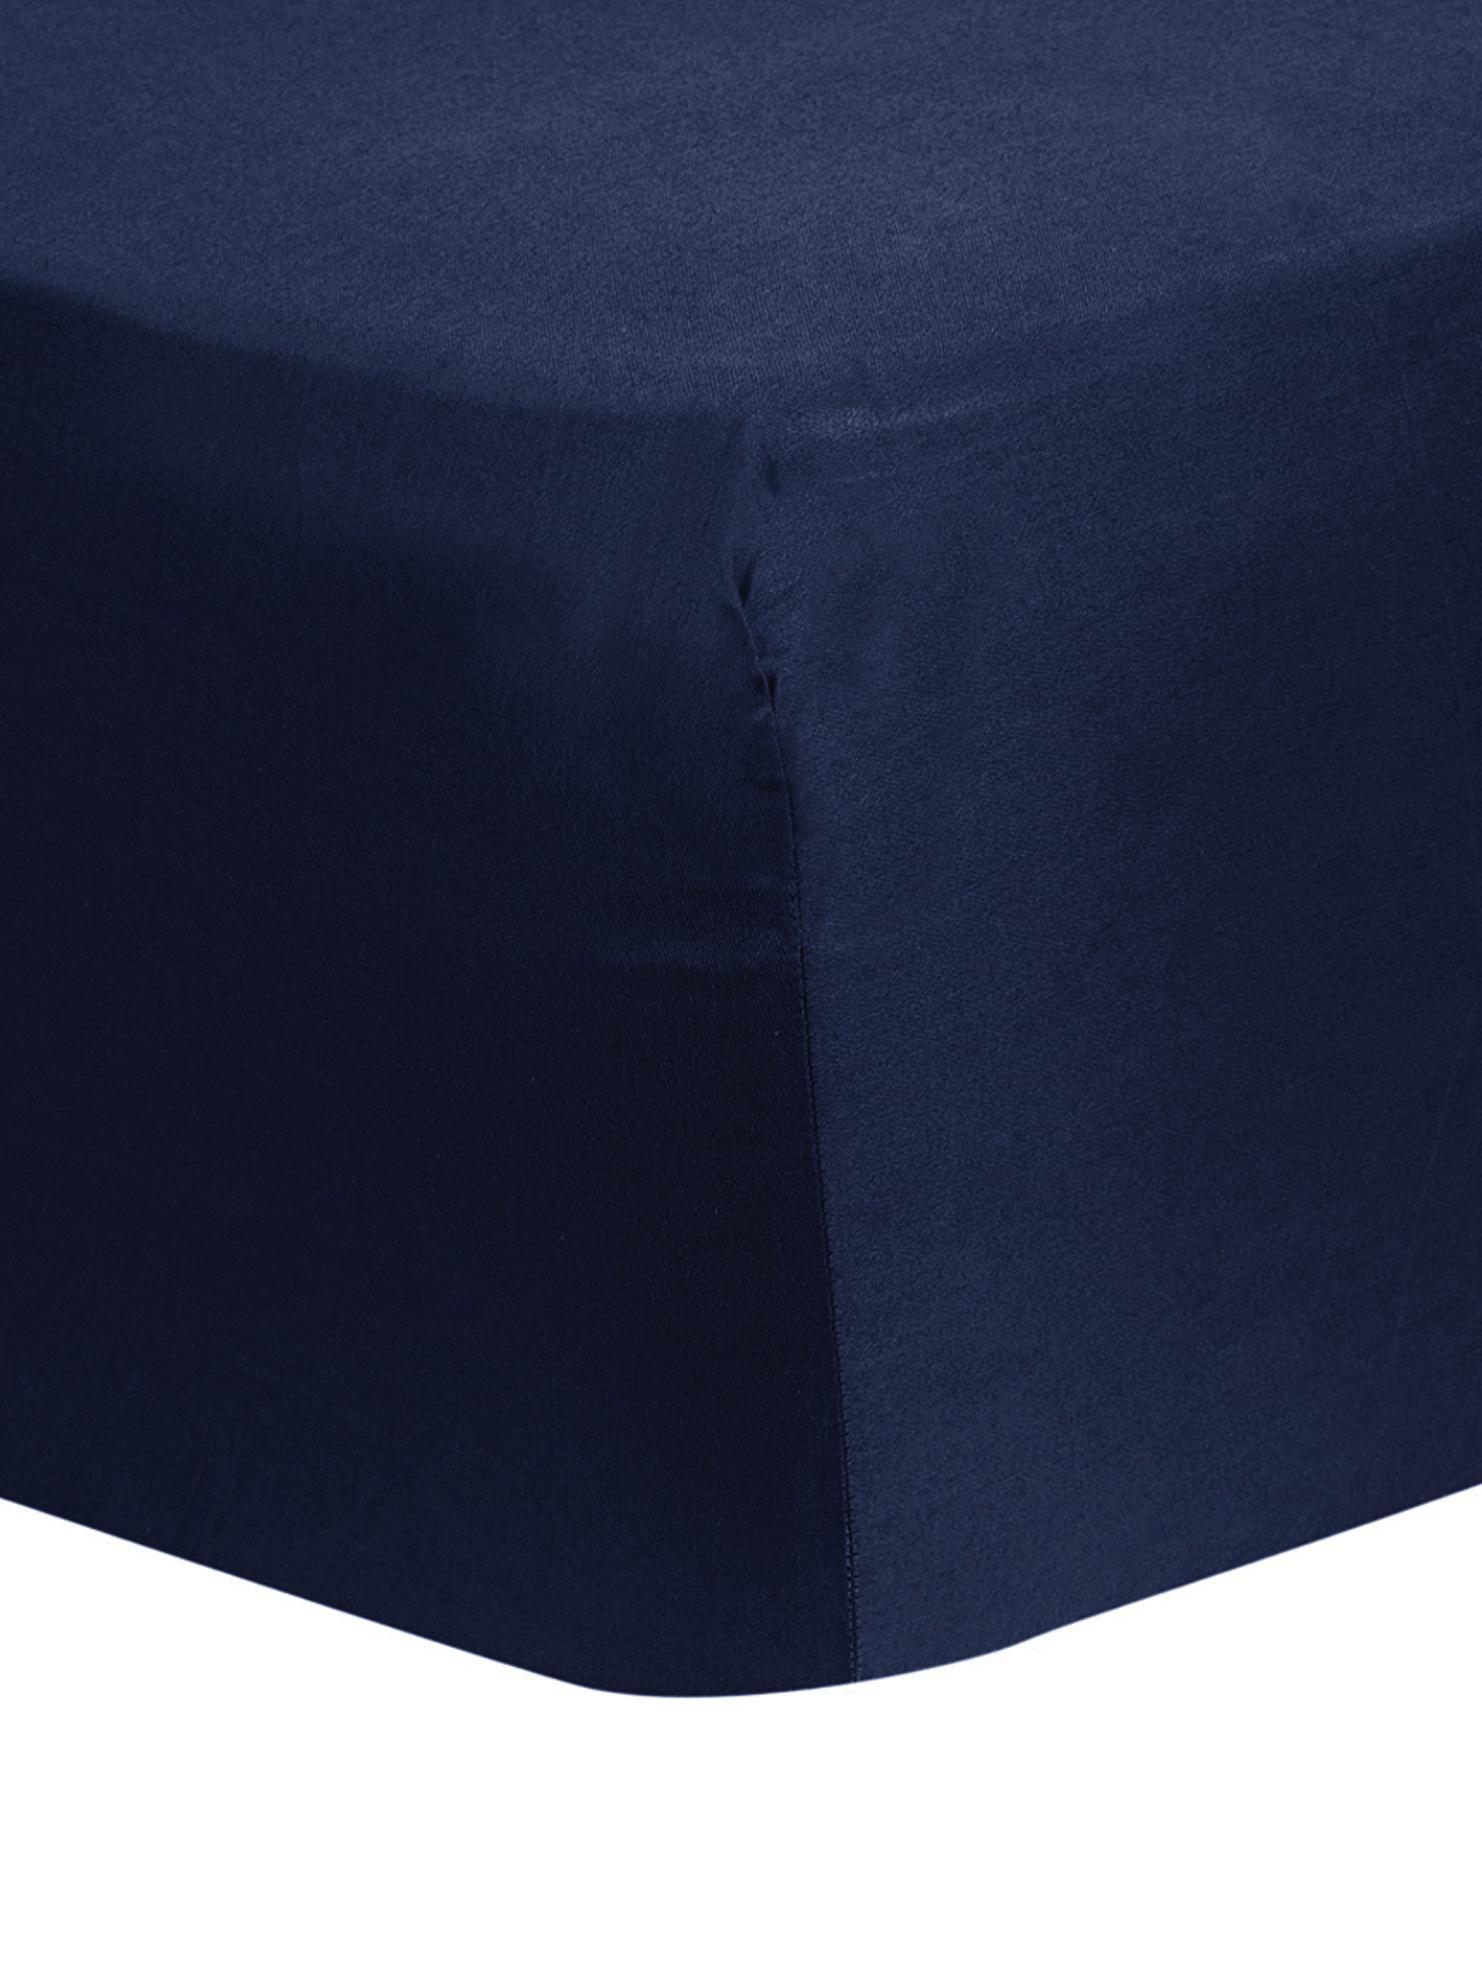 Spannbettlaken Comfort, Baumwollsatin, Webart: Satin, leicht glänzend, Dunkelblau, 140 x 200 cm